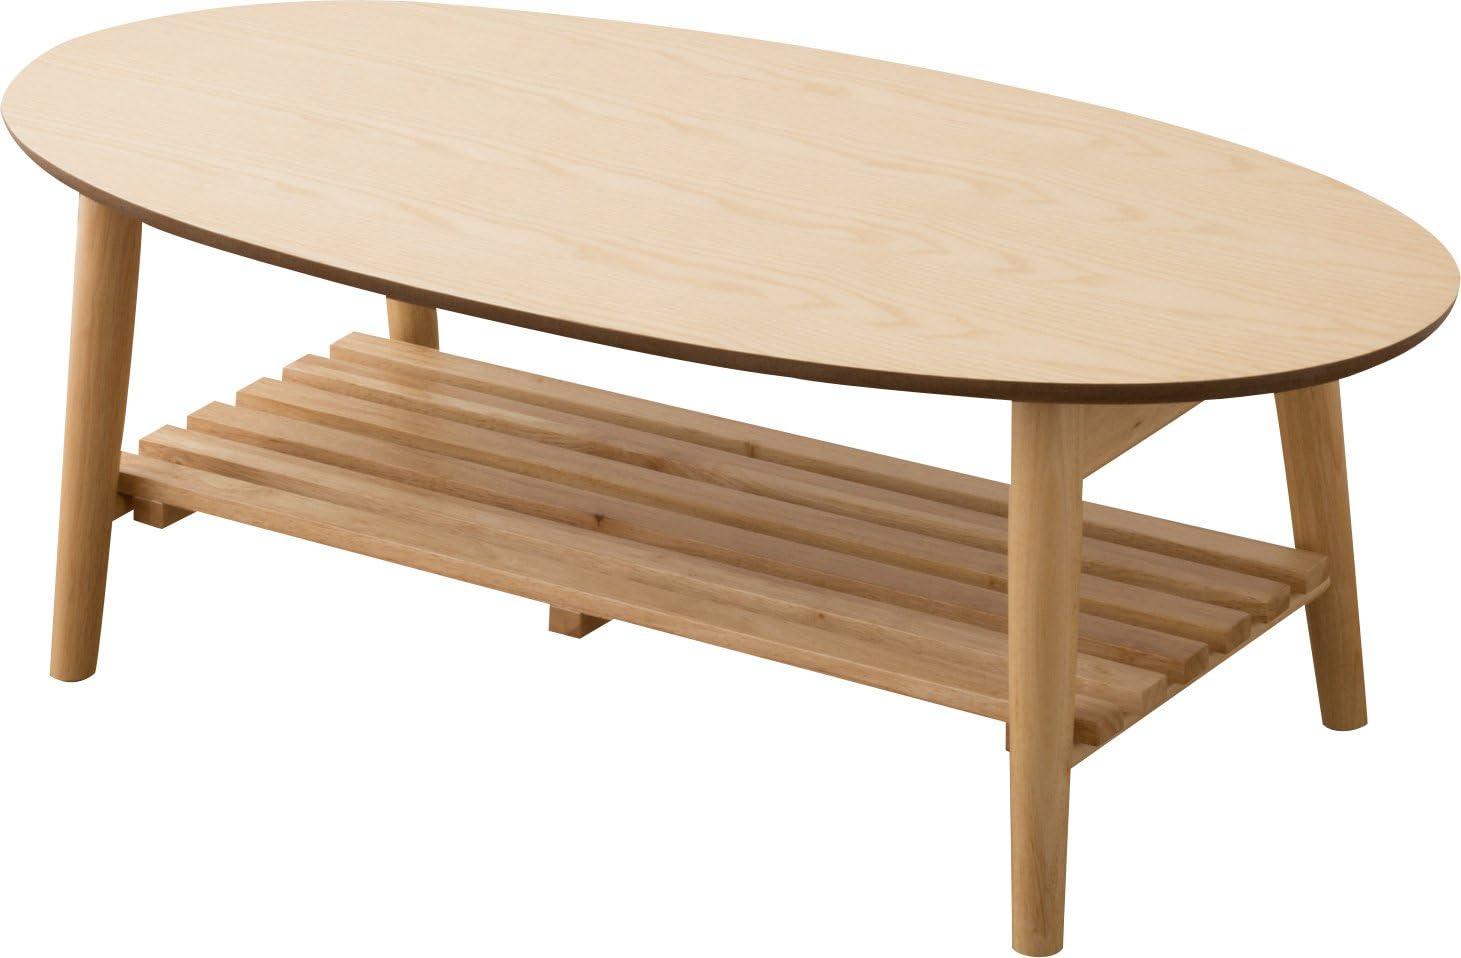 - Amazon.com: EMOOR Wood Folding Oval Coffee Table With Shelf, Ash